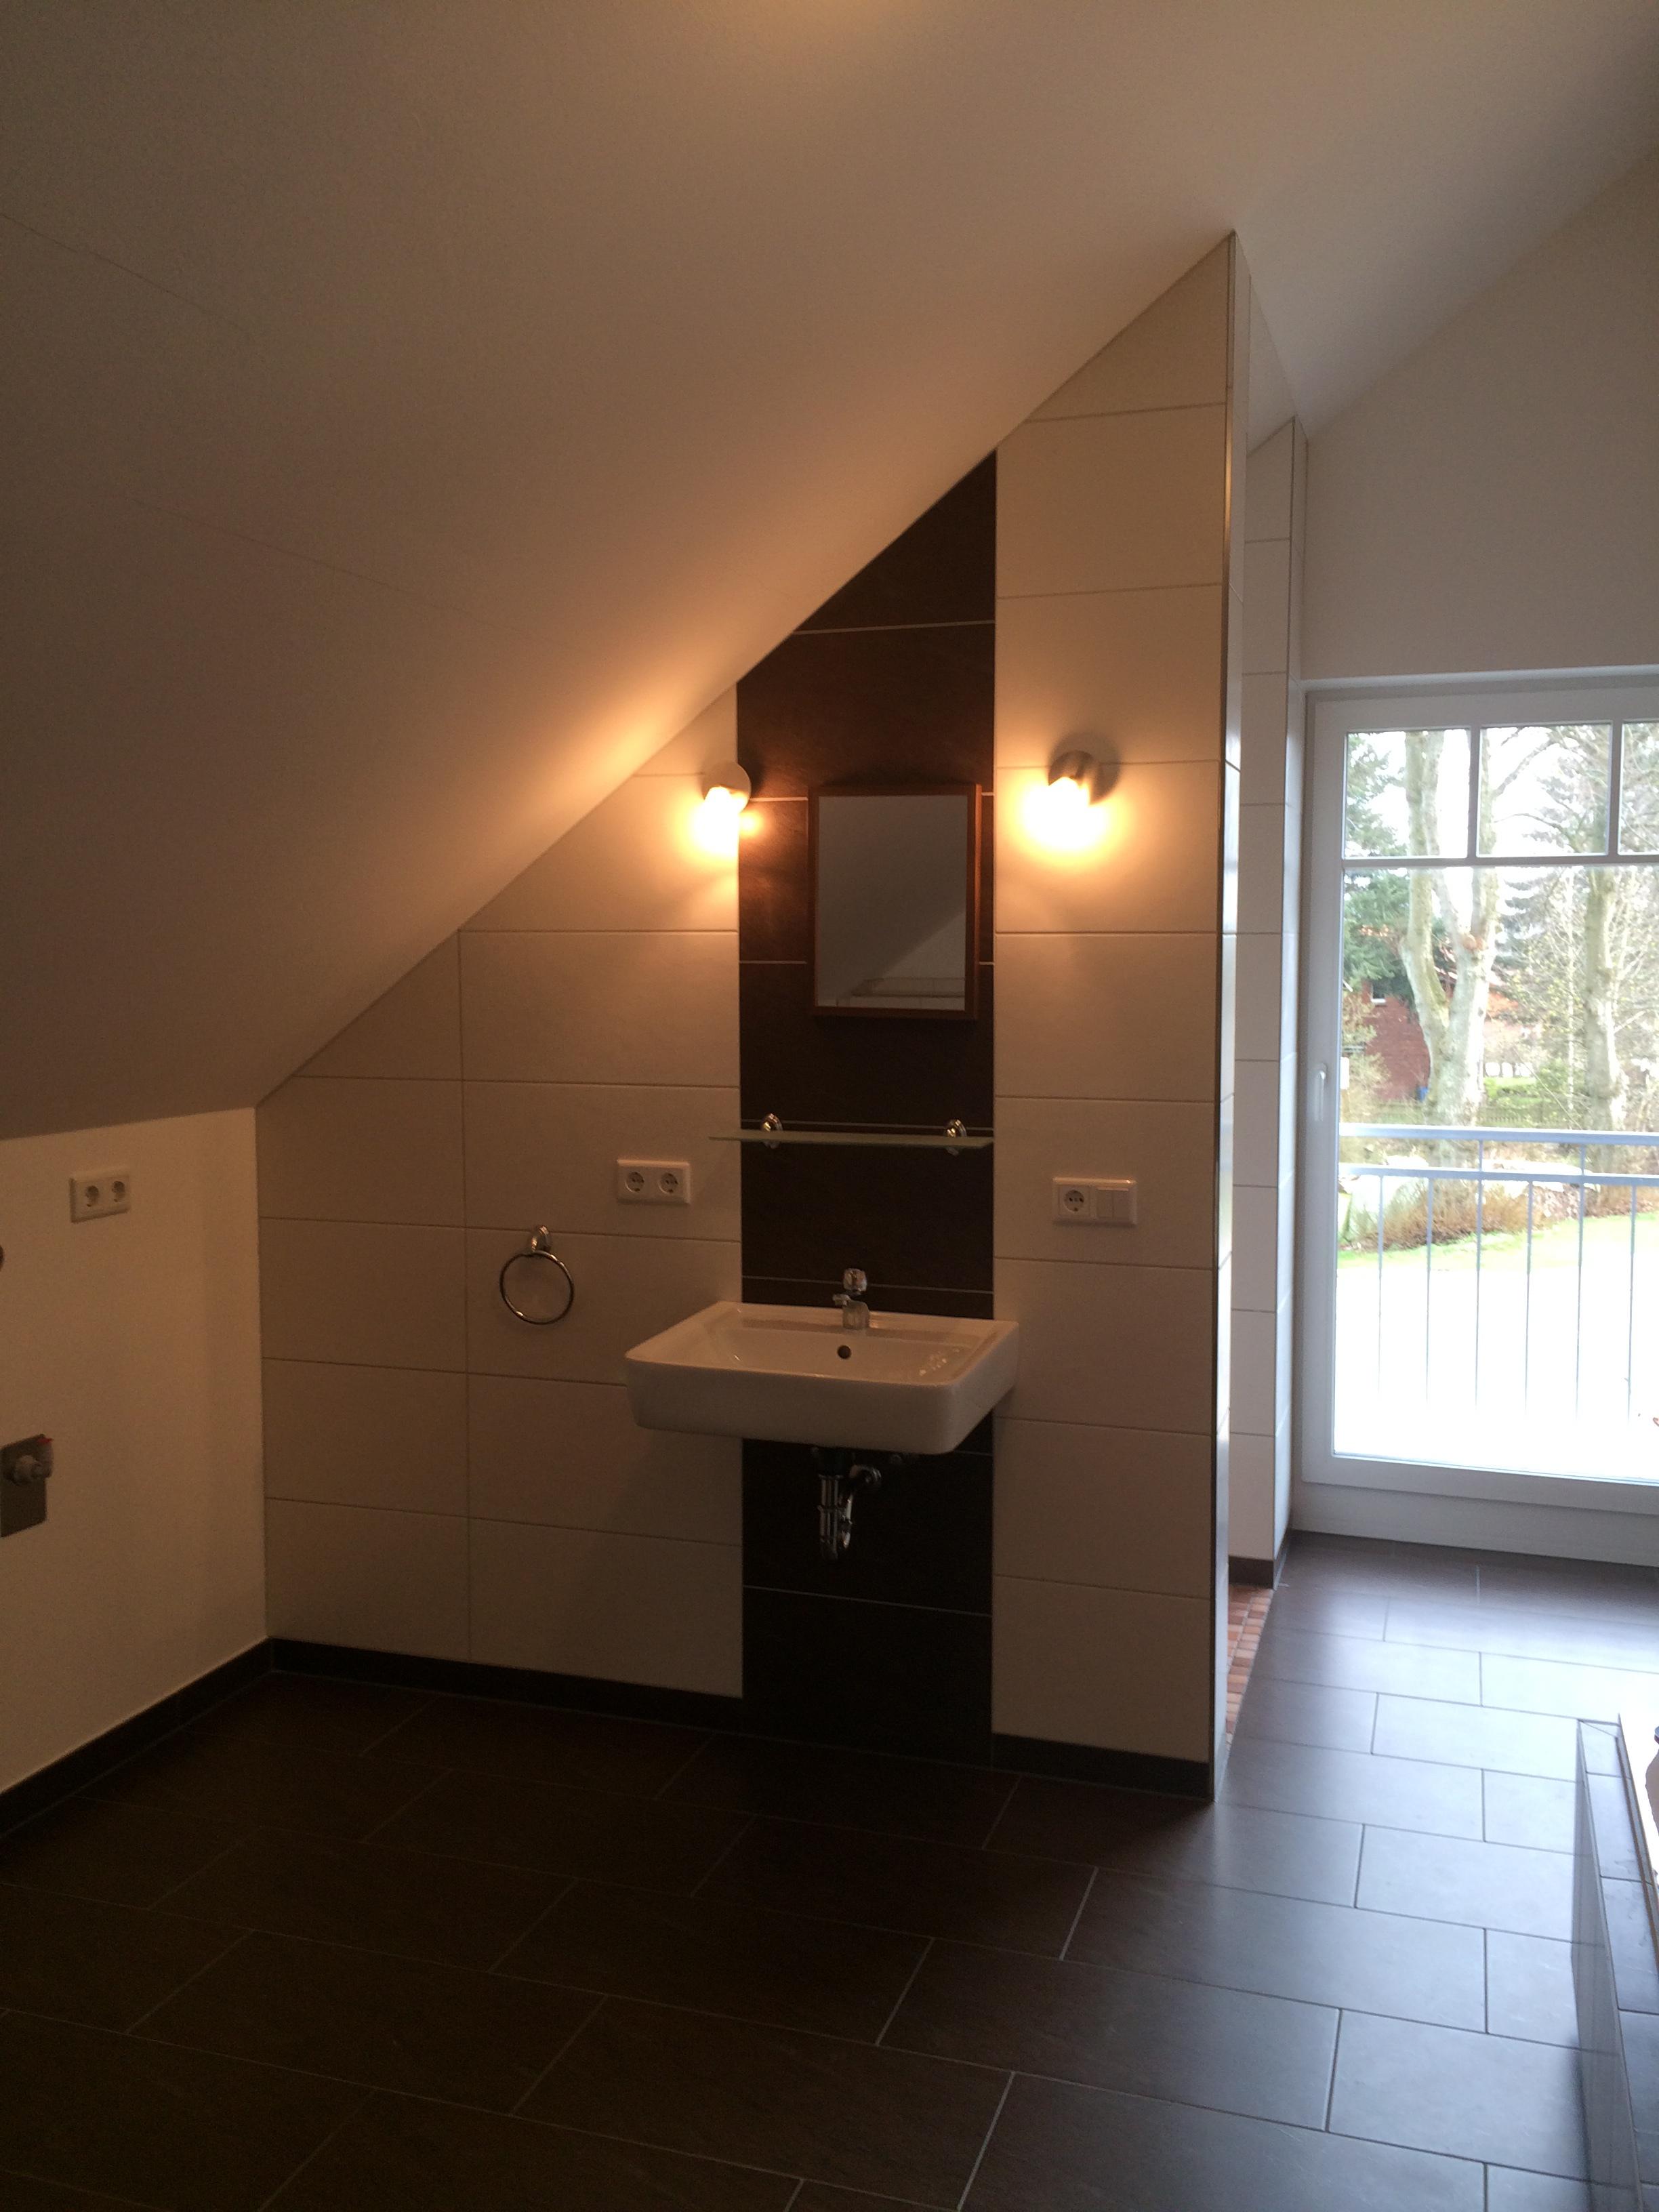 Neubau, komplett ausgestattetes Haus zum Wohnen und Arbeiten in der ...